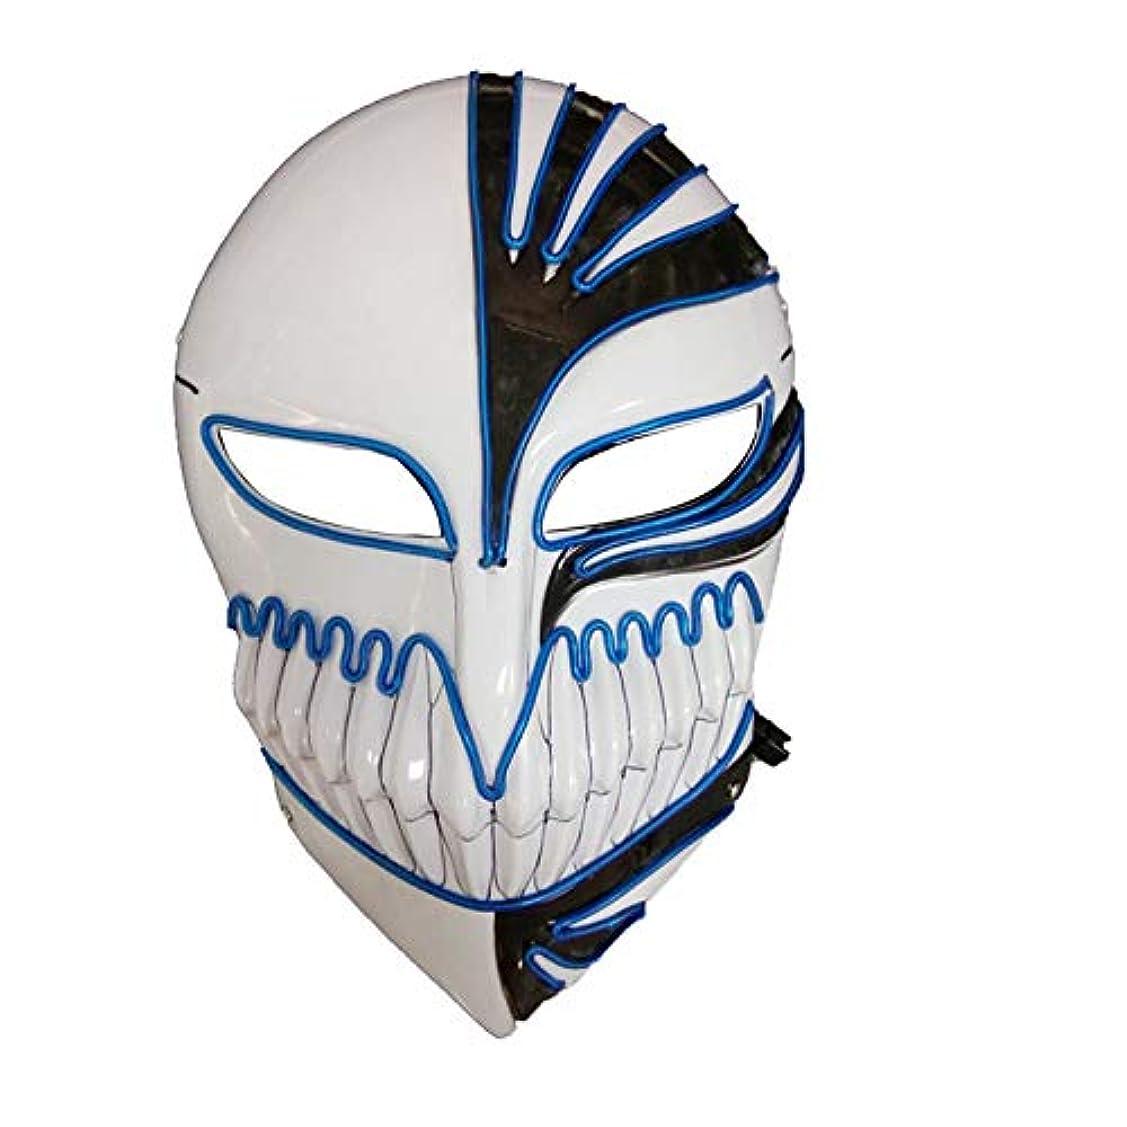 暴徒騒乱挨拶するLEDハロウィーンマスクライトアップマスクグローイングマスク、コスプレ、ブルー